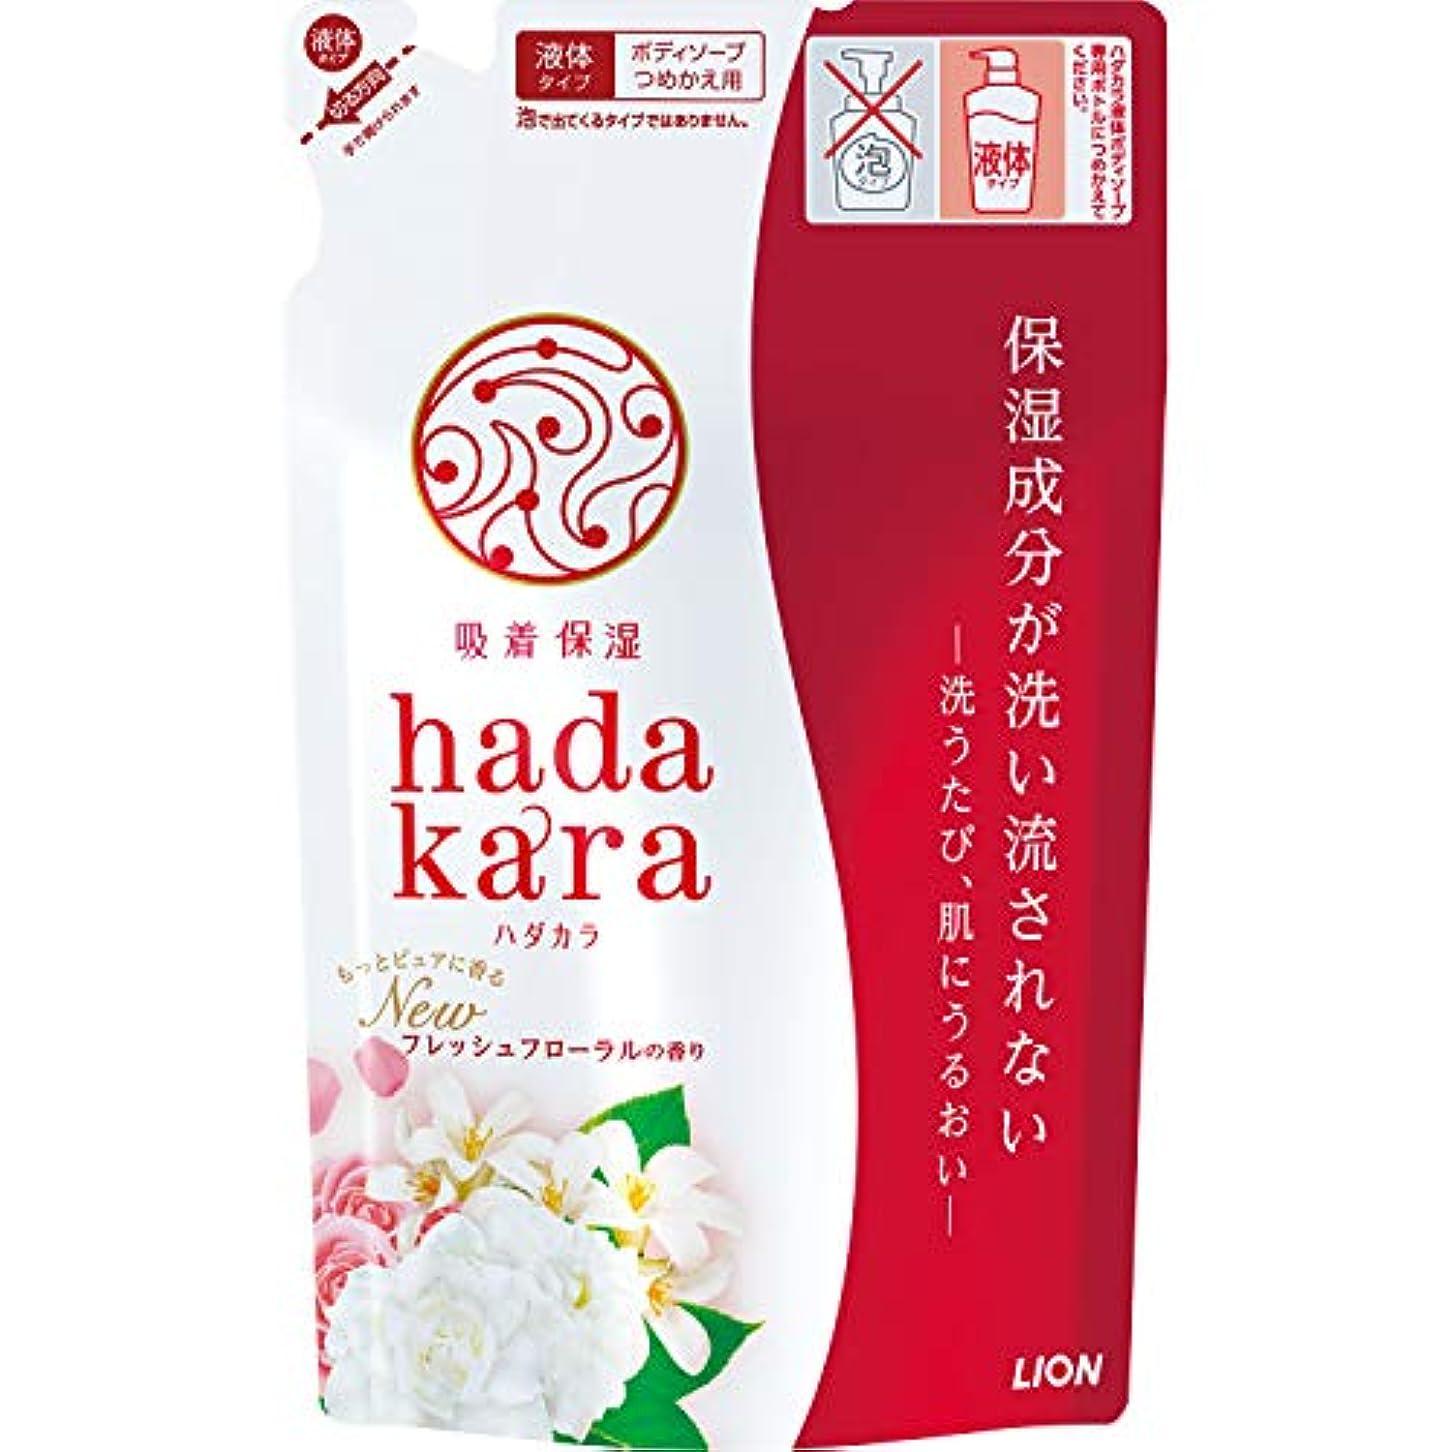 抜け目のない不一致鳩hadakara(ハダカラ) ボディソープ フレッシュフローラルの香り 詰め替え 360ml つめかえ